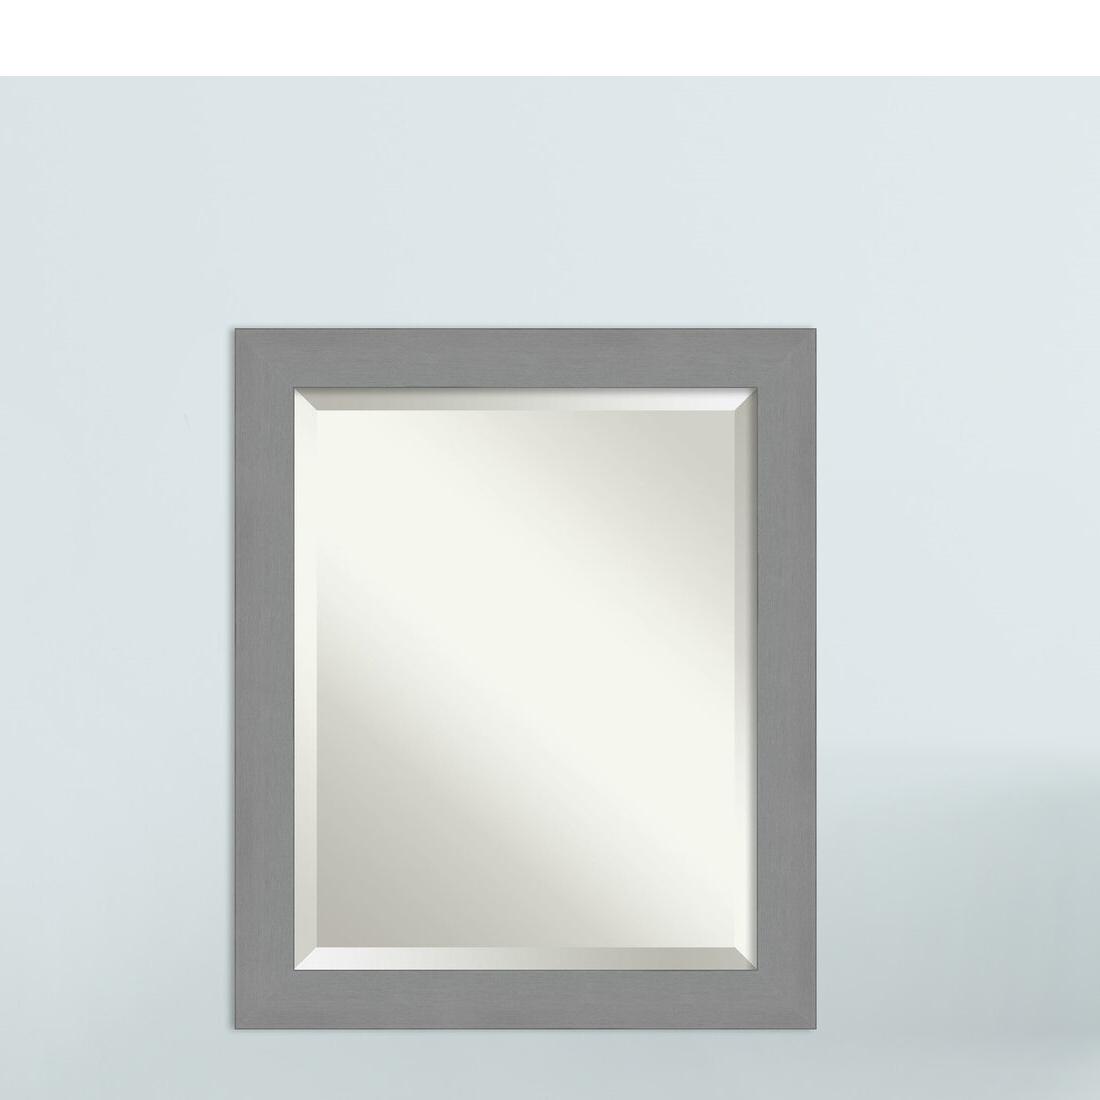 Brushed Nickel Wall Mirrors Regarding 2019 Kallas Brushed Nickel Beveled Wall Mirror (View 3 of 14)